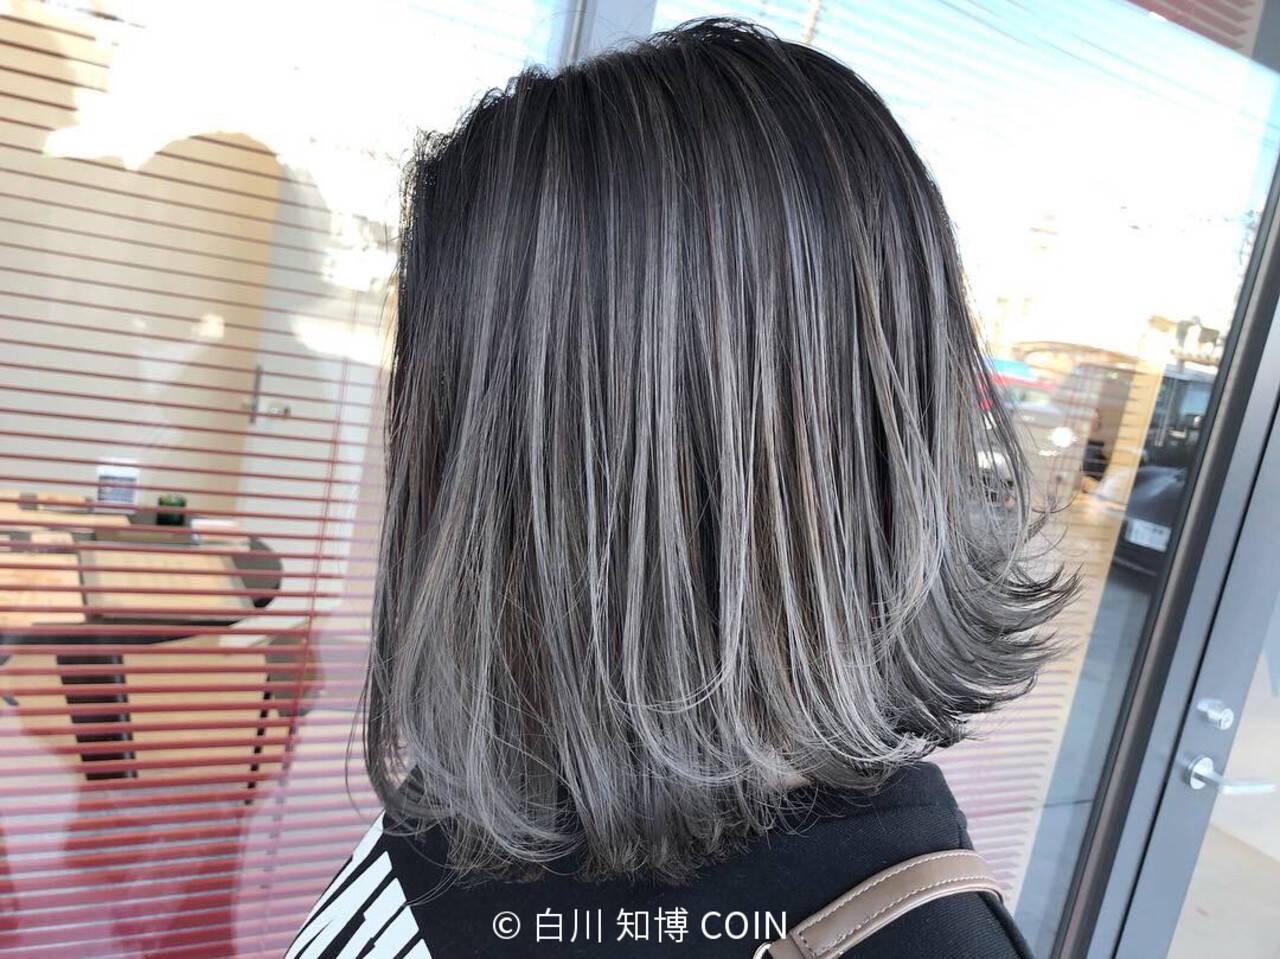 切りっぱなしボブ グラデーションカラー ボブ ハイライトヘアスタイルや髪型の写真・画像